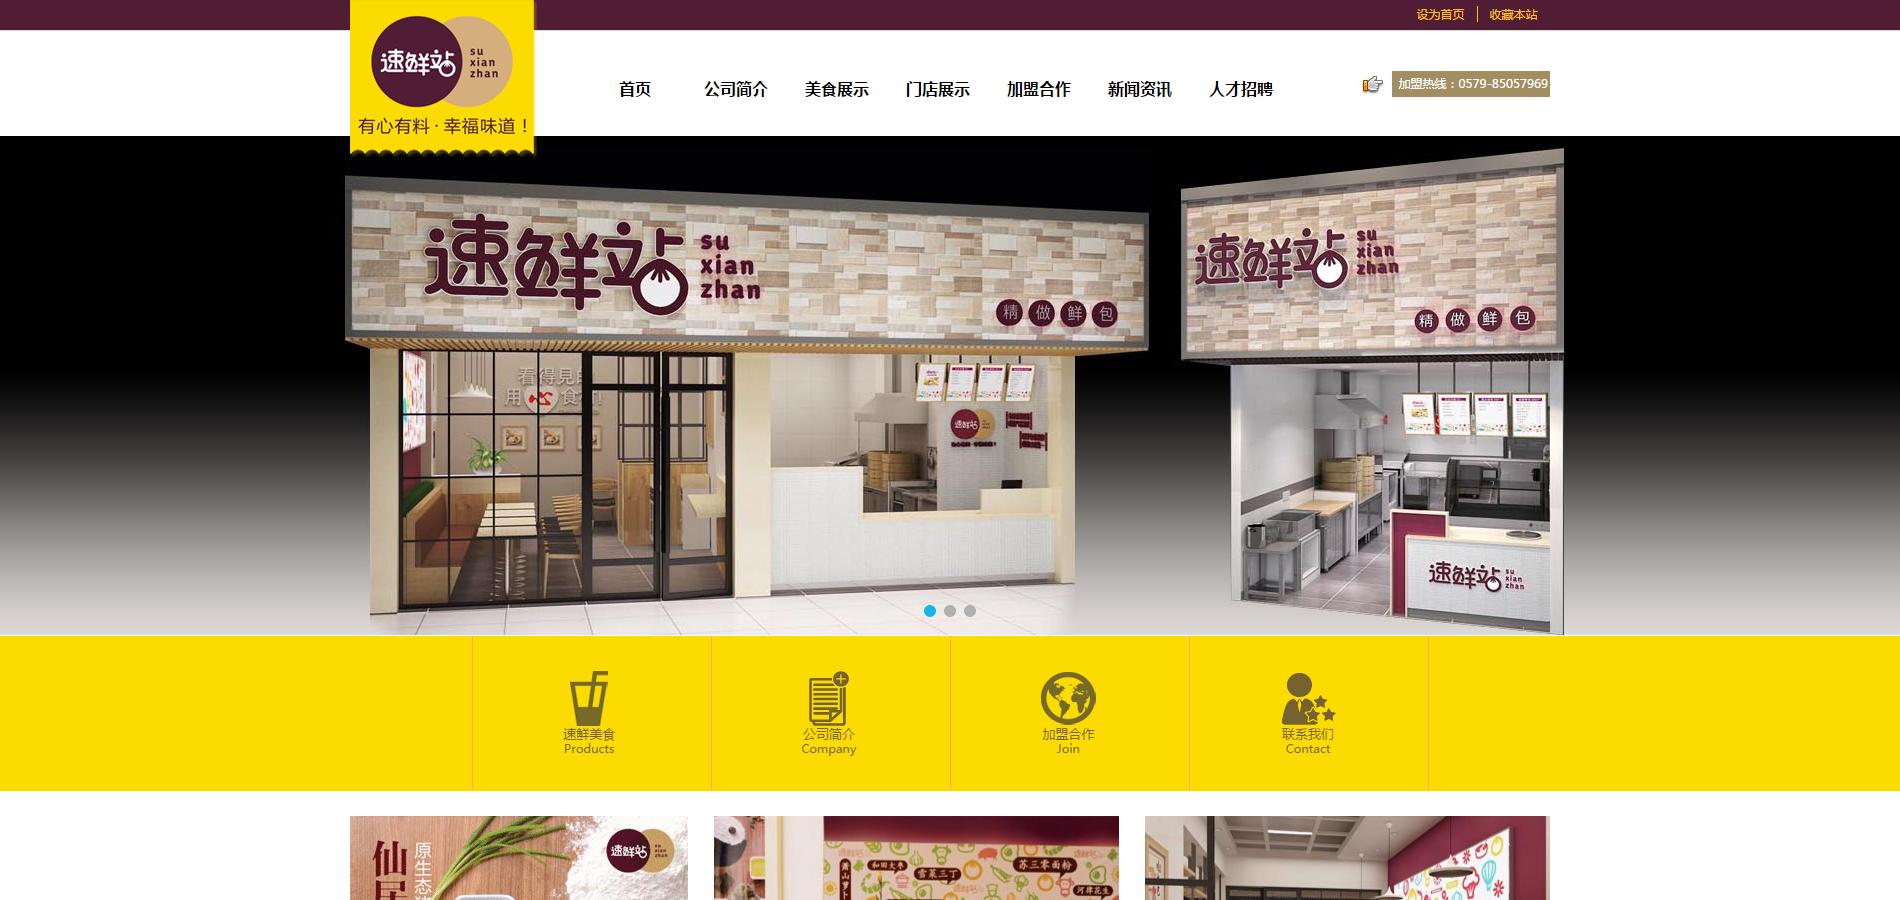 餐饮食品连锁加盟公司网站模板全套下载